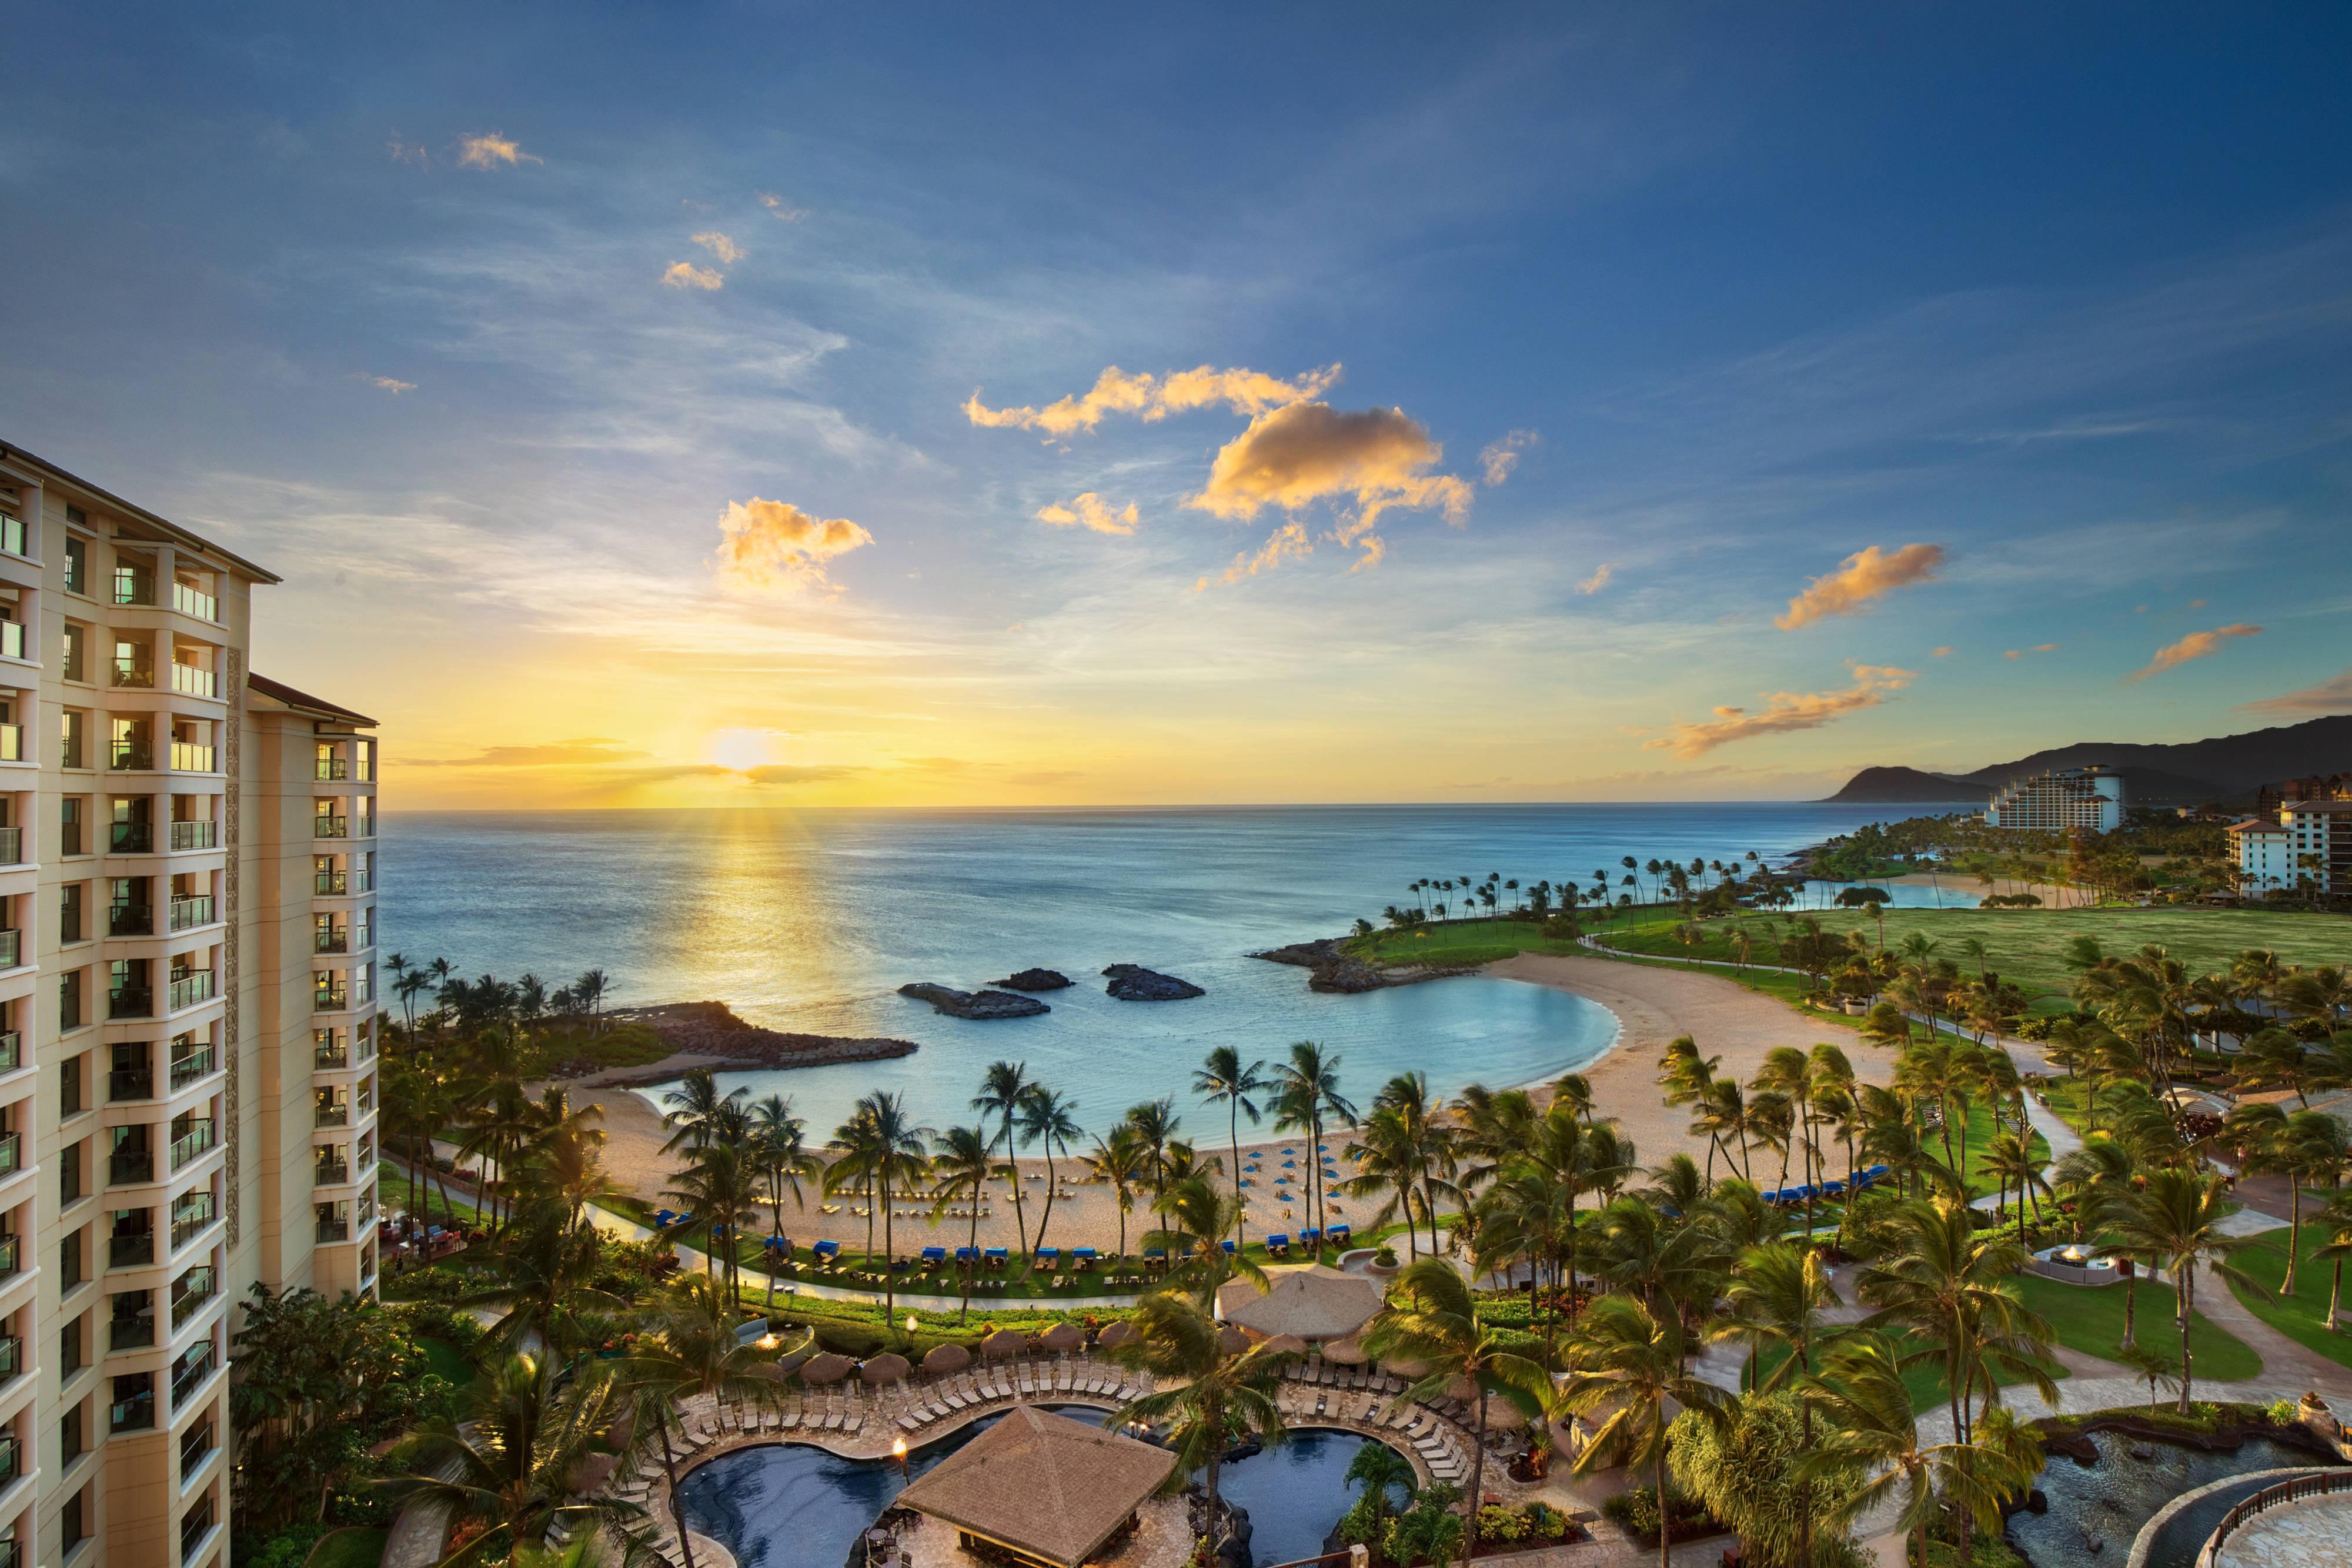 How to Plan a Hawaii Babymoon featured by top Hawaii blog, Hawaii Travel with Kids: Marriott Ko Olina Beach Club on Oahu